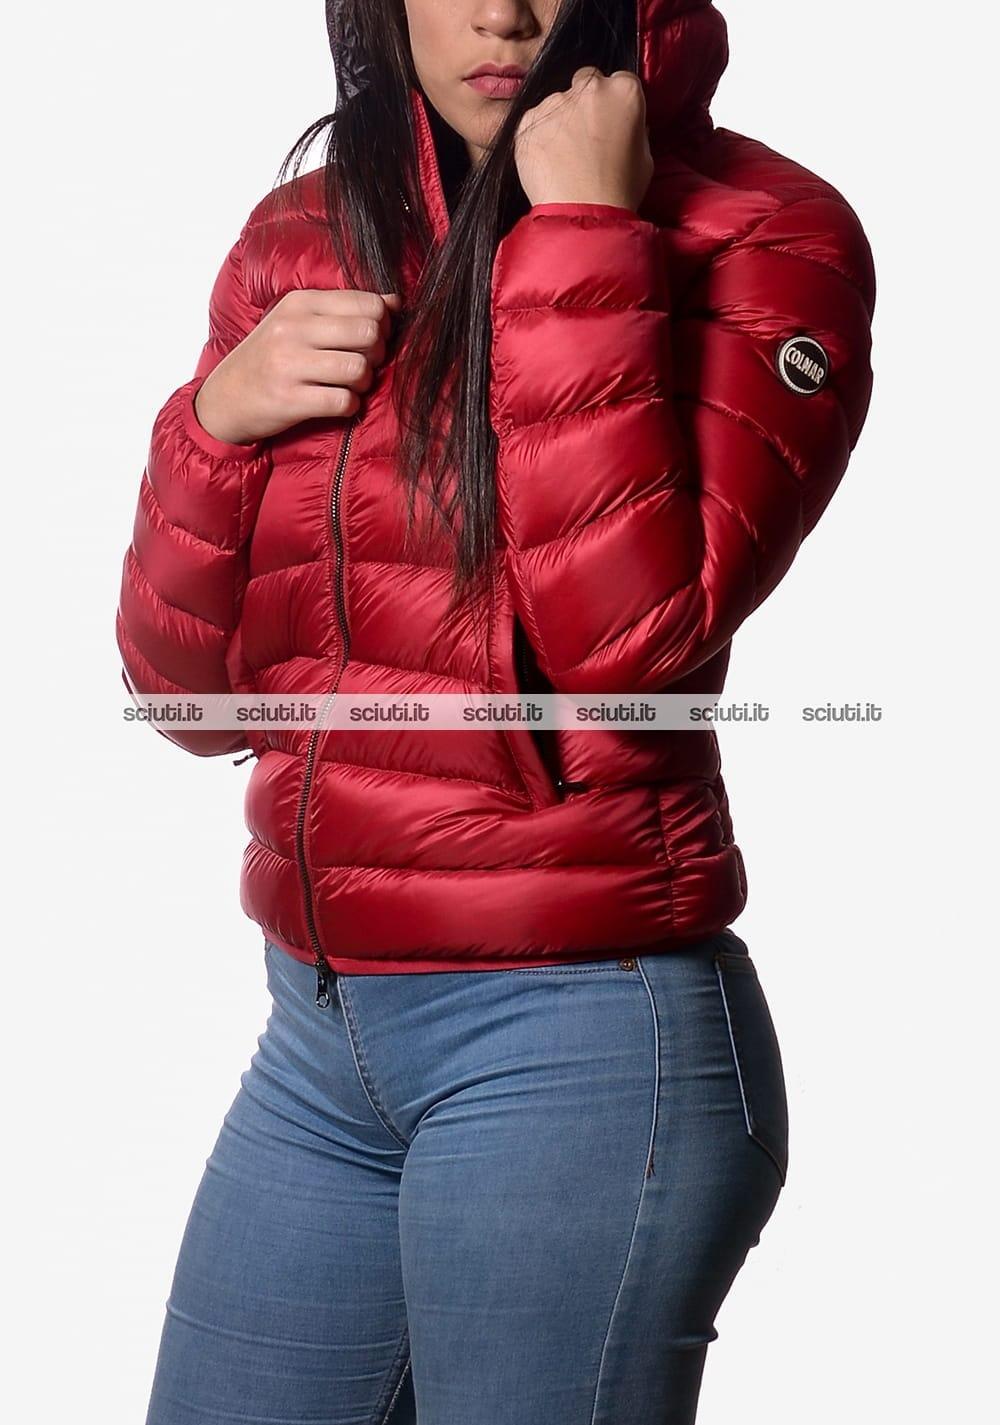 new style ee505 35c96 Piumino Colmar donna pesante con cappuccio rosso